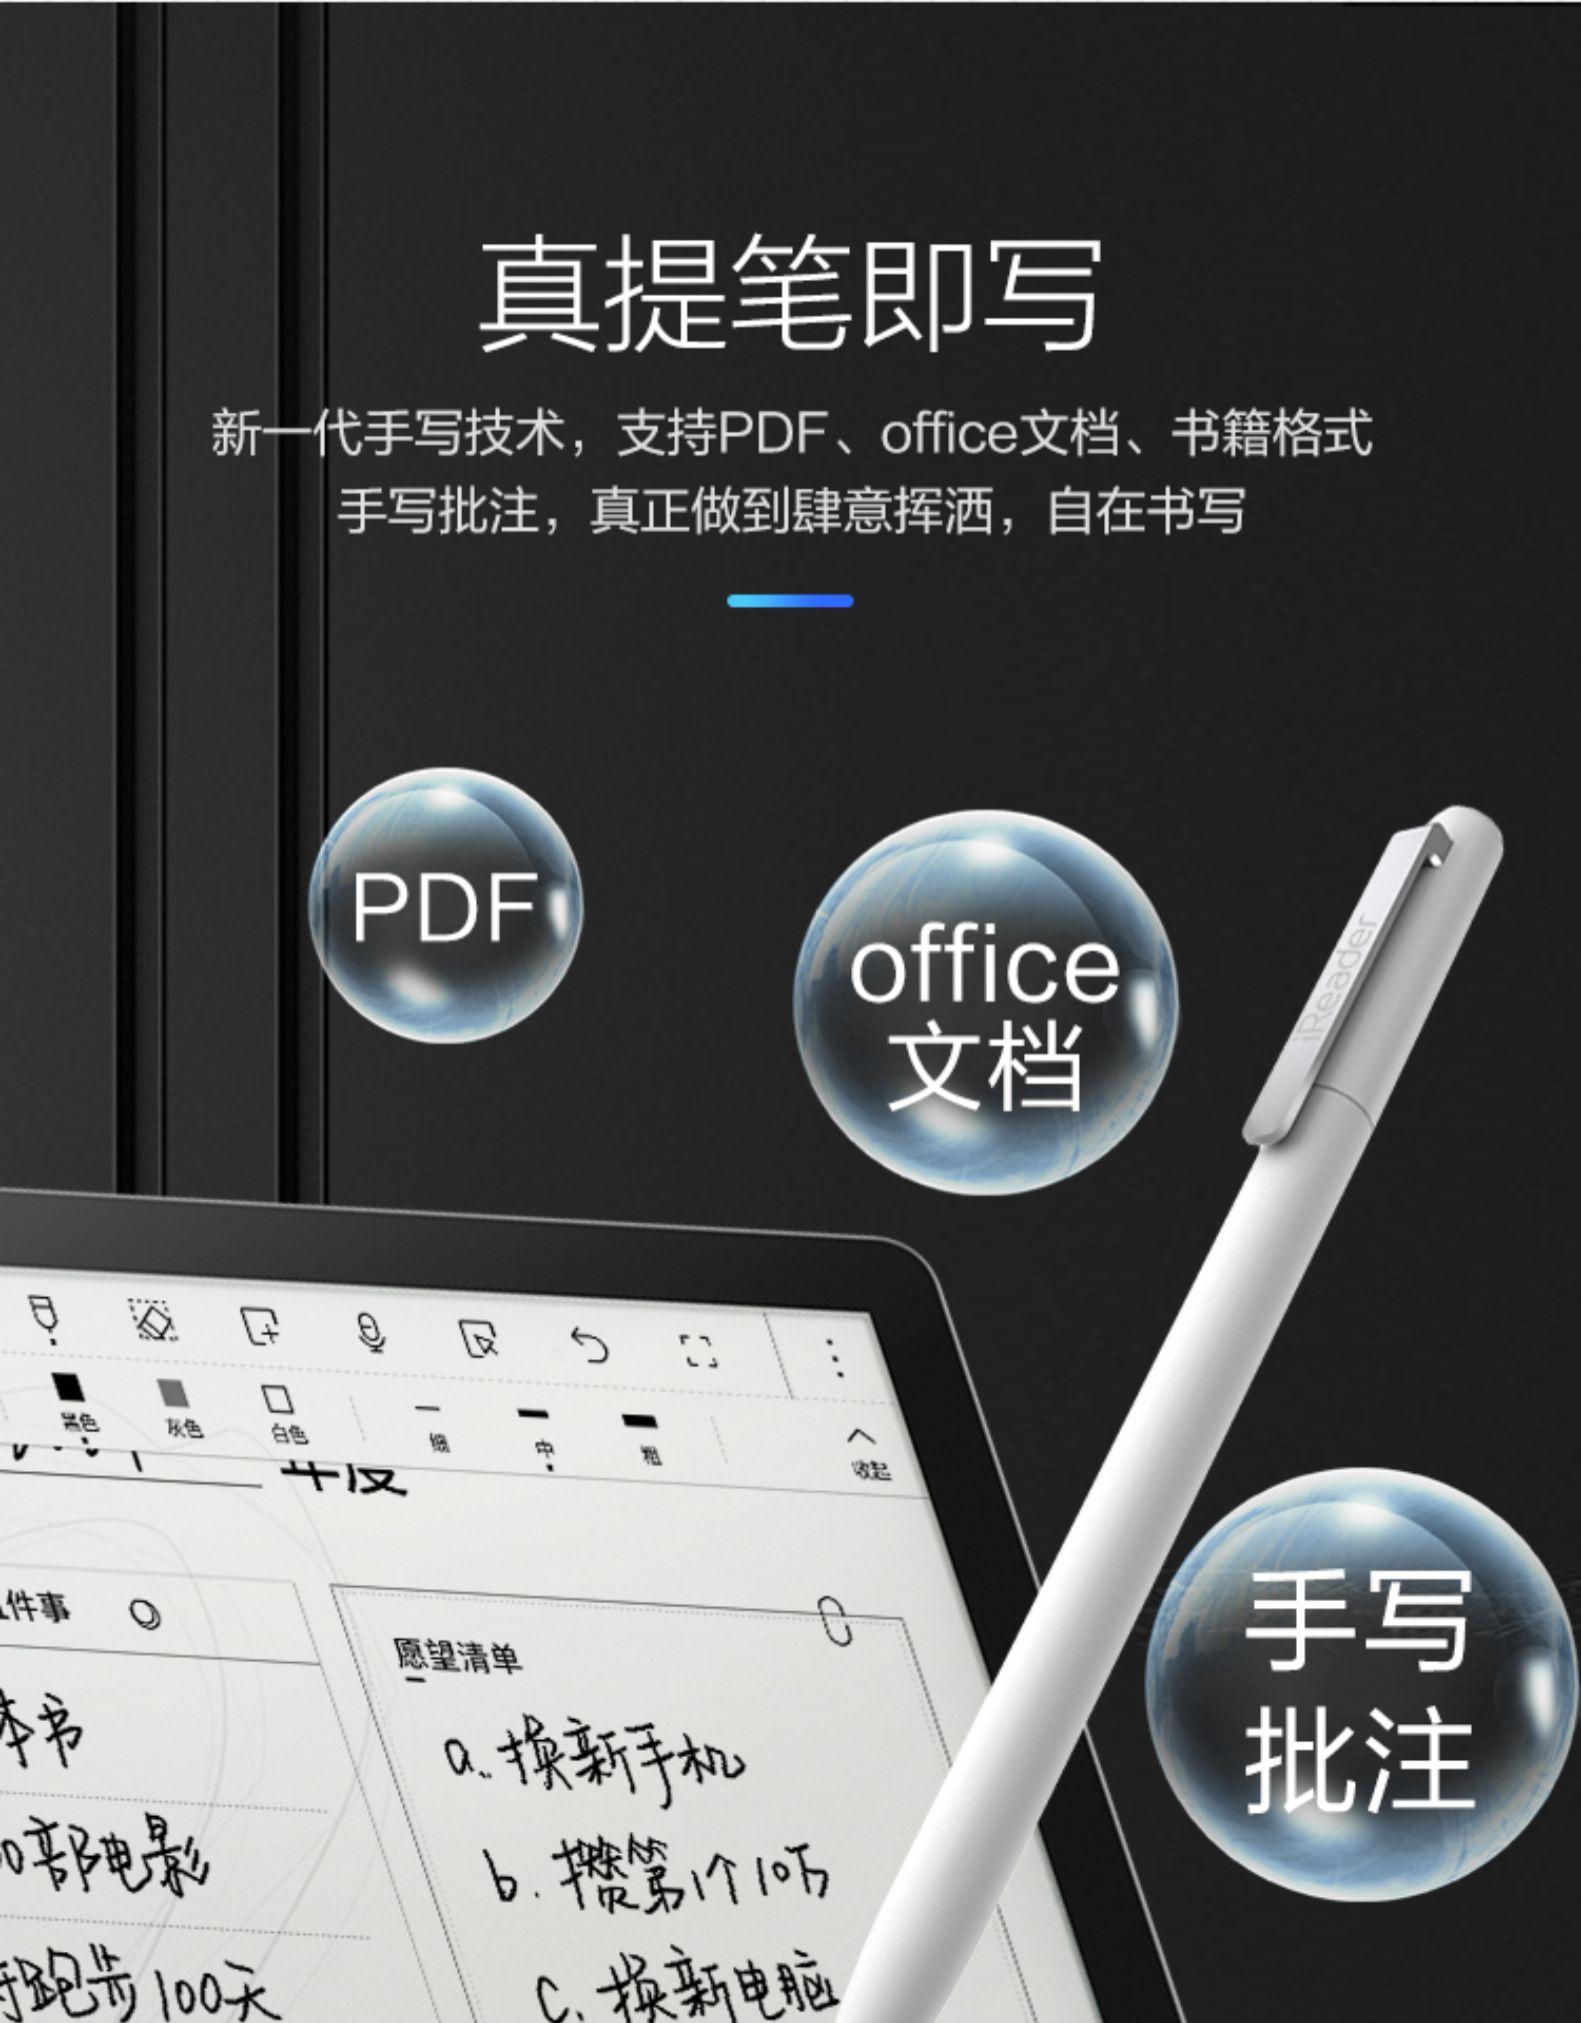 掌阅智能手写电子书阅读器英寸墨水屏电纸书学生看书平板智能手写可携式电子阅览器分期详细照片